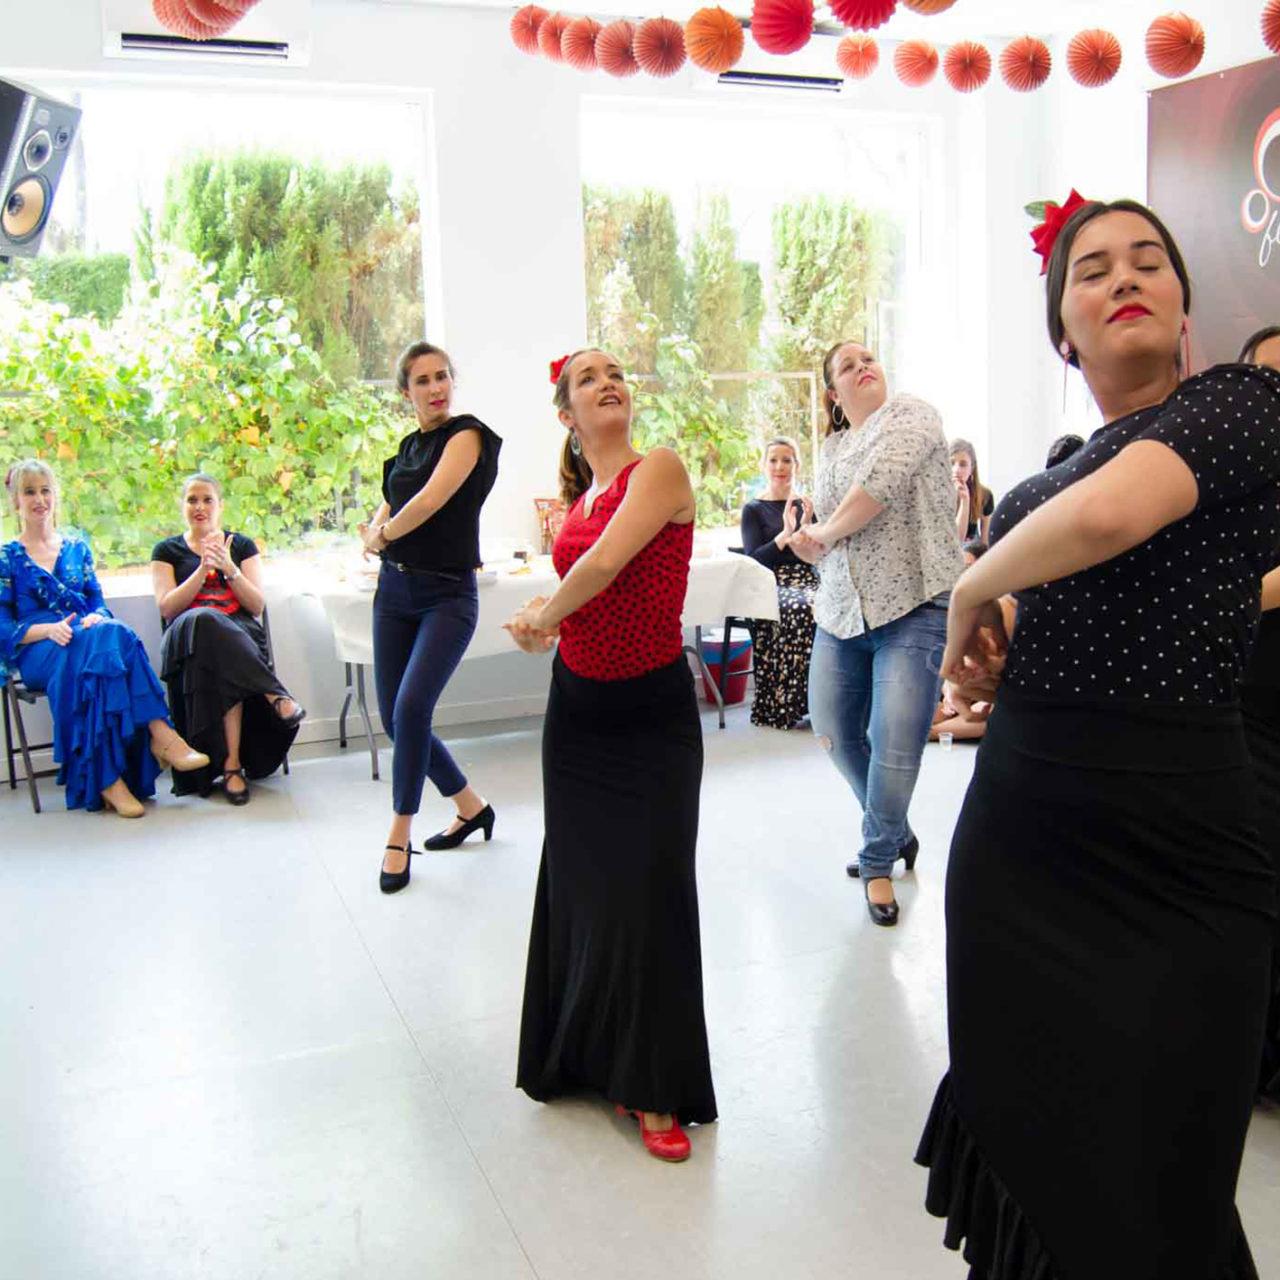 Her yaşta dans edebilir, farklı danslar öğrenebilirsiniz. Hele ki bir ezgi duyduğunuzda ayaklarınız hemen tempo tutuyorsa.